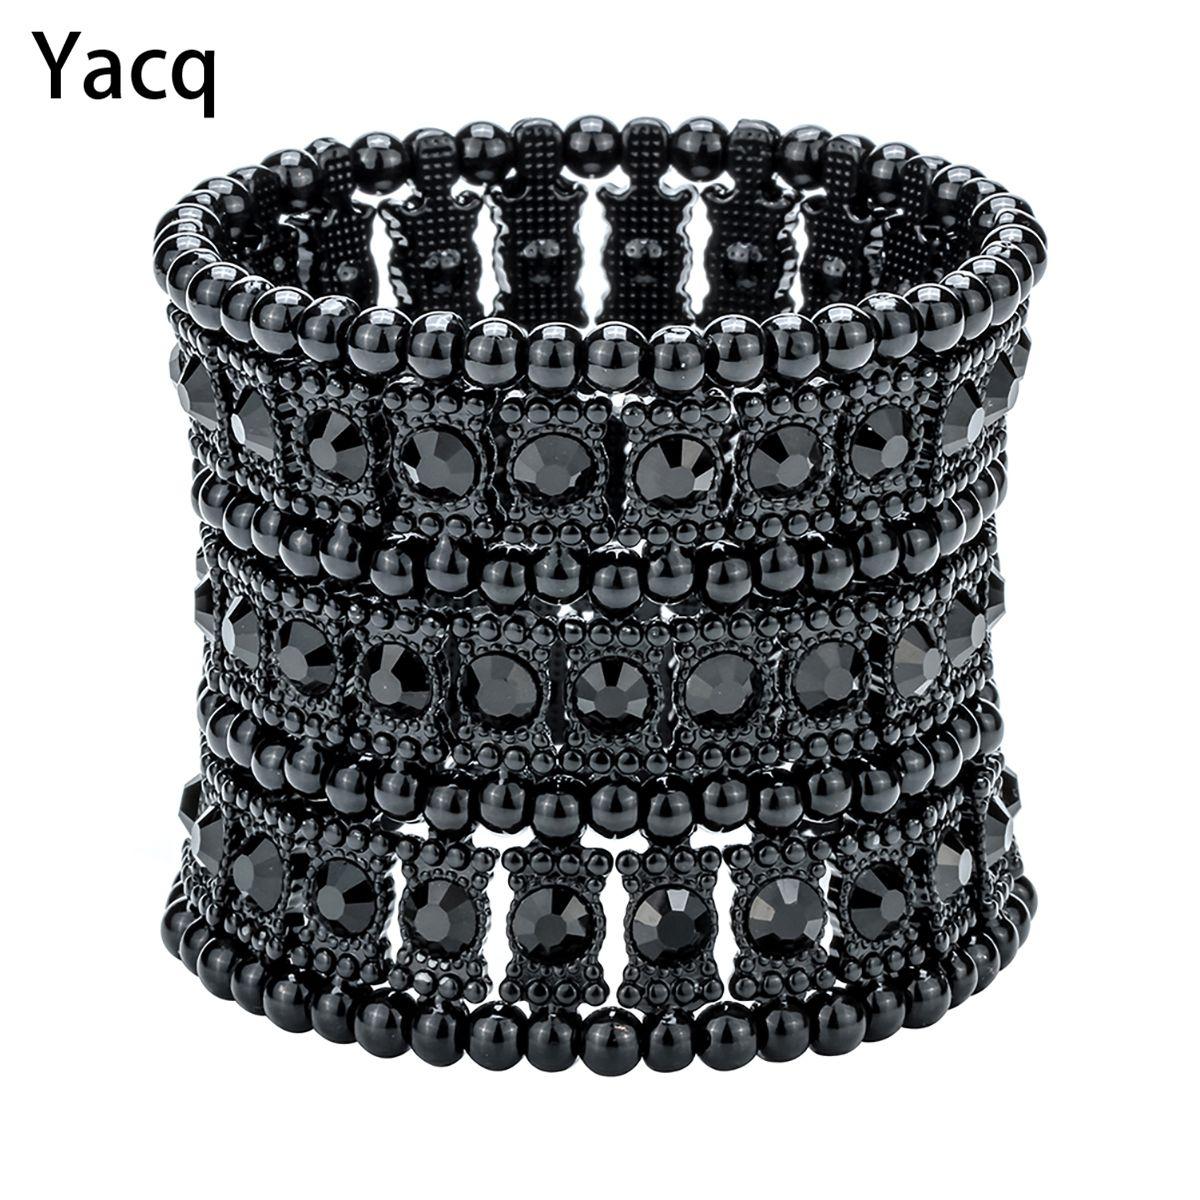 Yacq multicouche extensible manchette bracelet femmes cristal de mariage de mariée de mode bijoux cadeau B11 argent or noir livraison directe